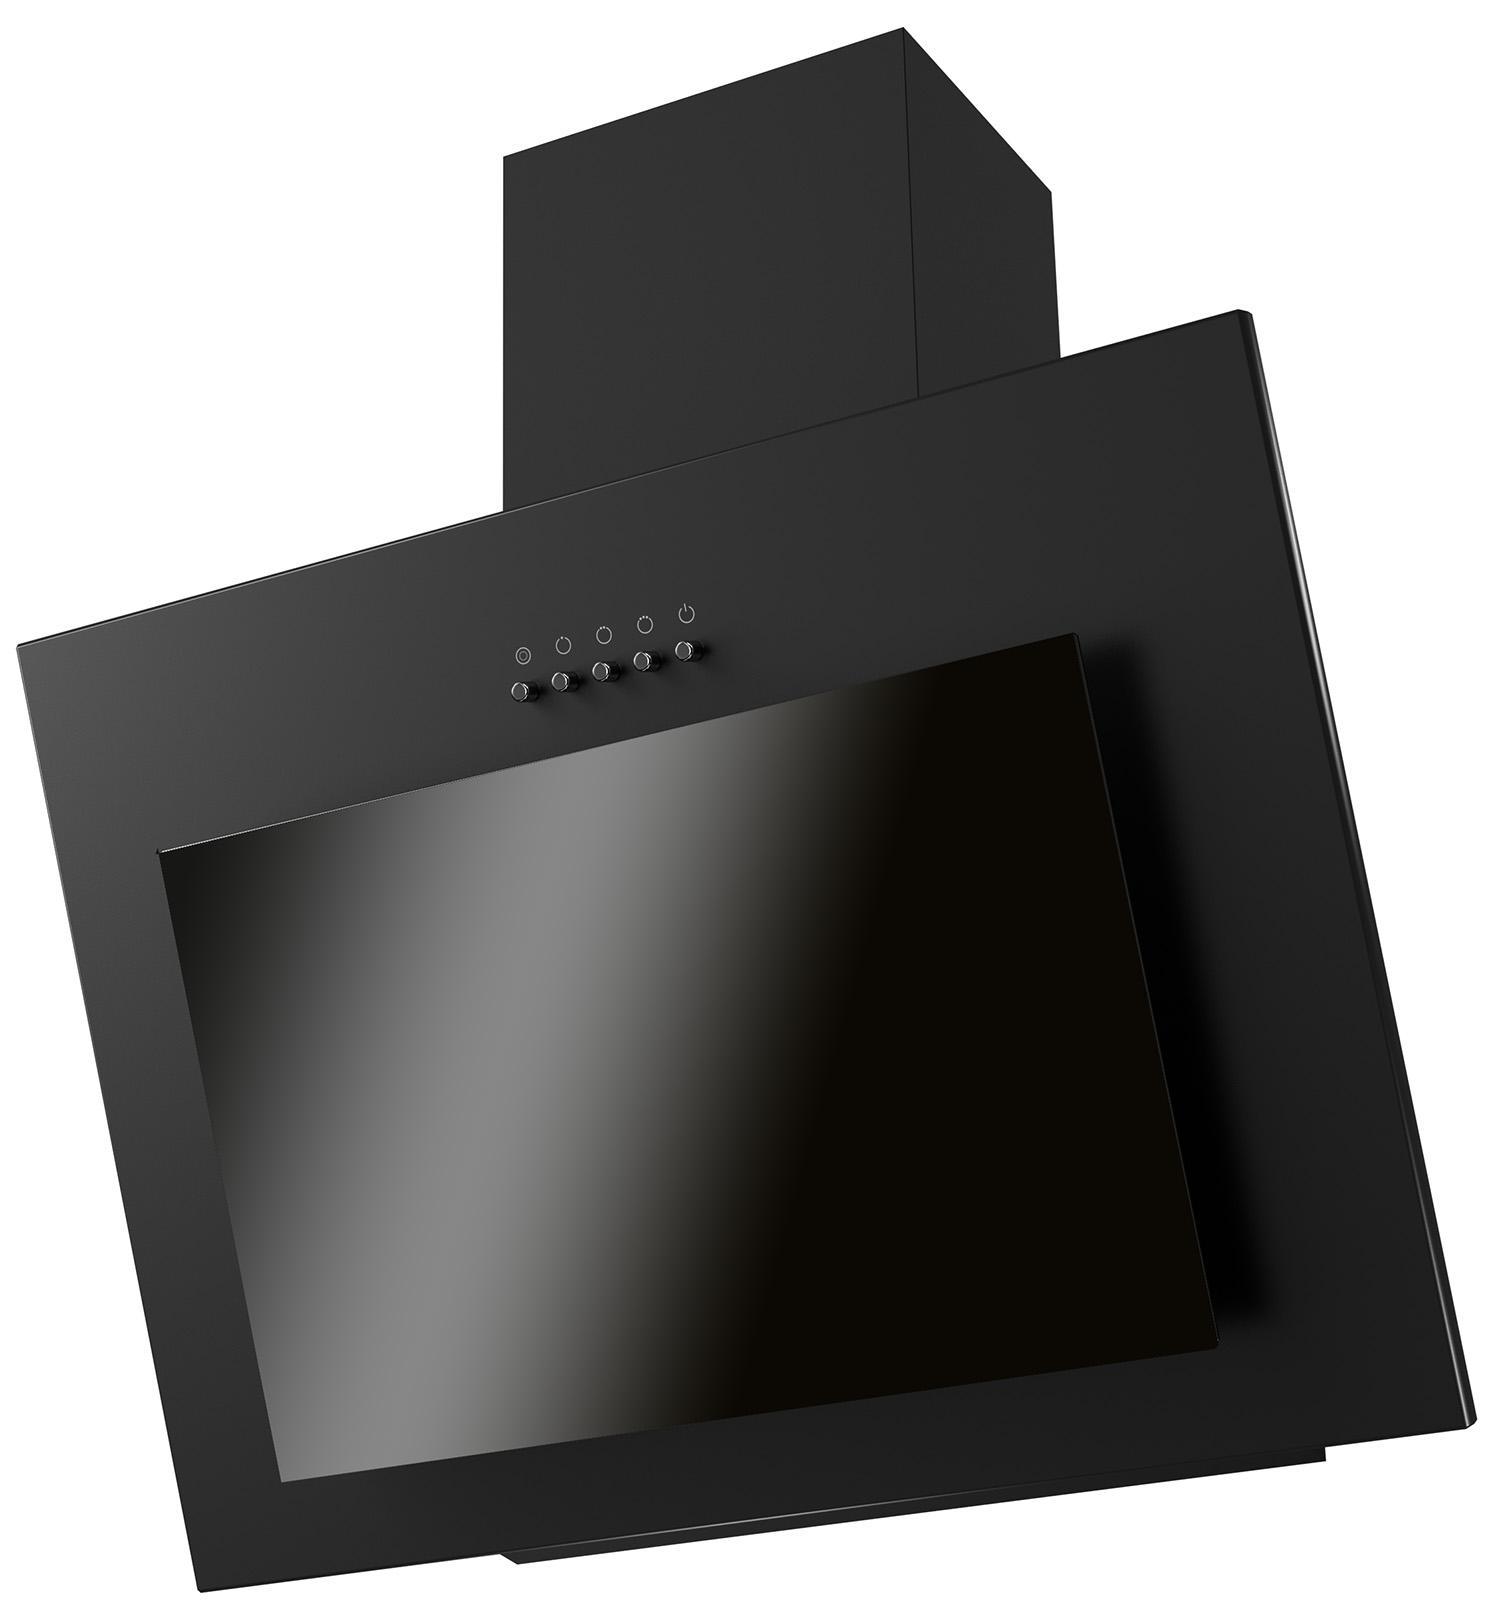 лучшая цена Вытяжка Kronasteel 600 black pb freya